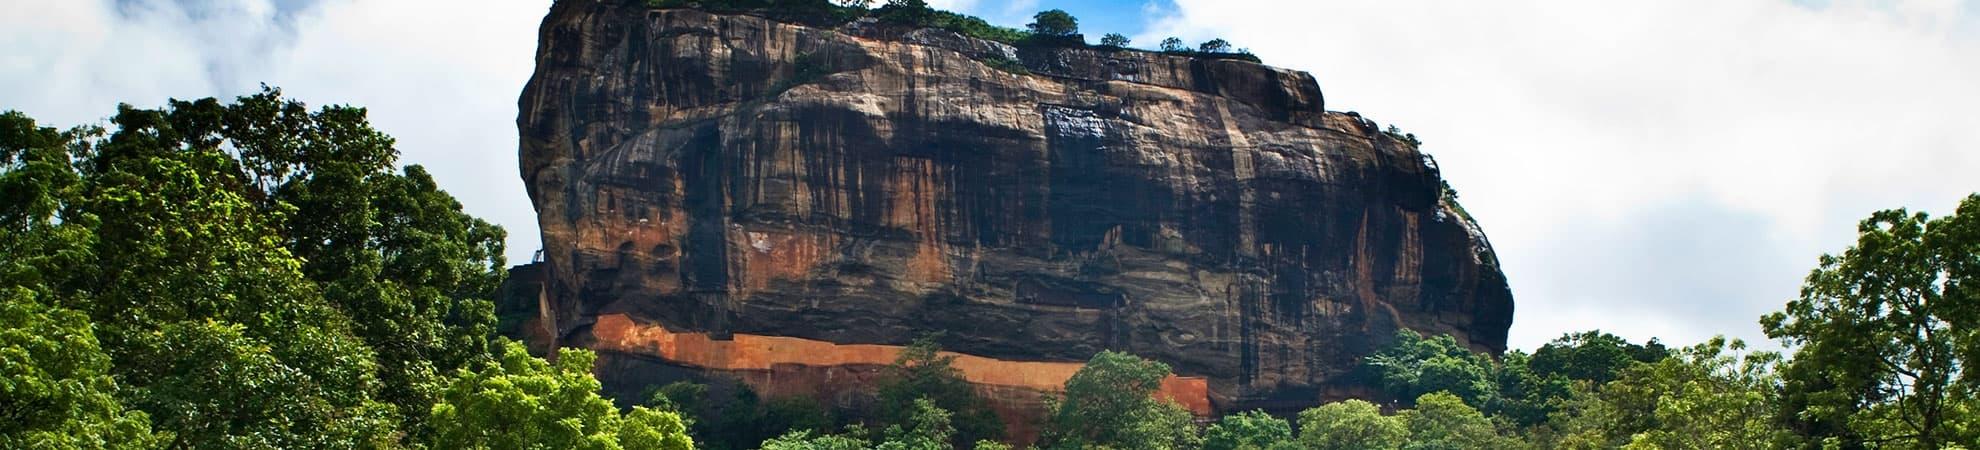 Voyage Sigirya